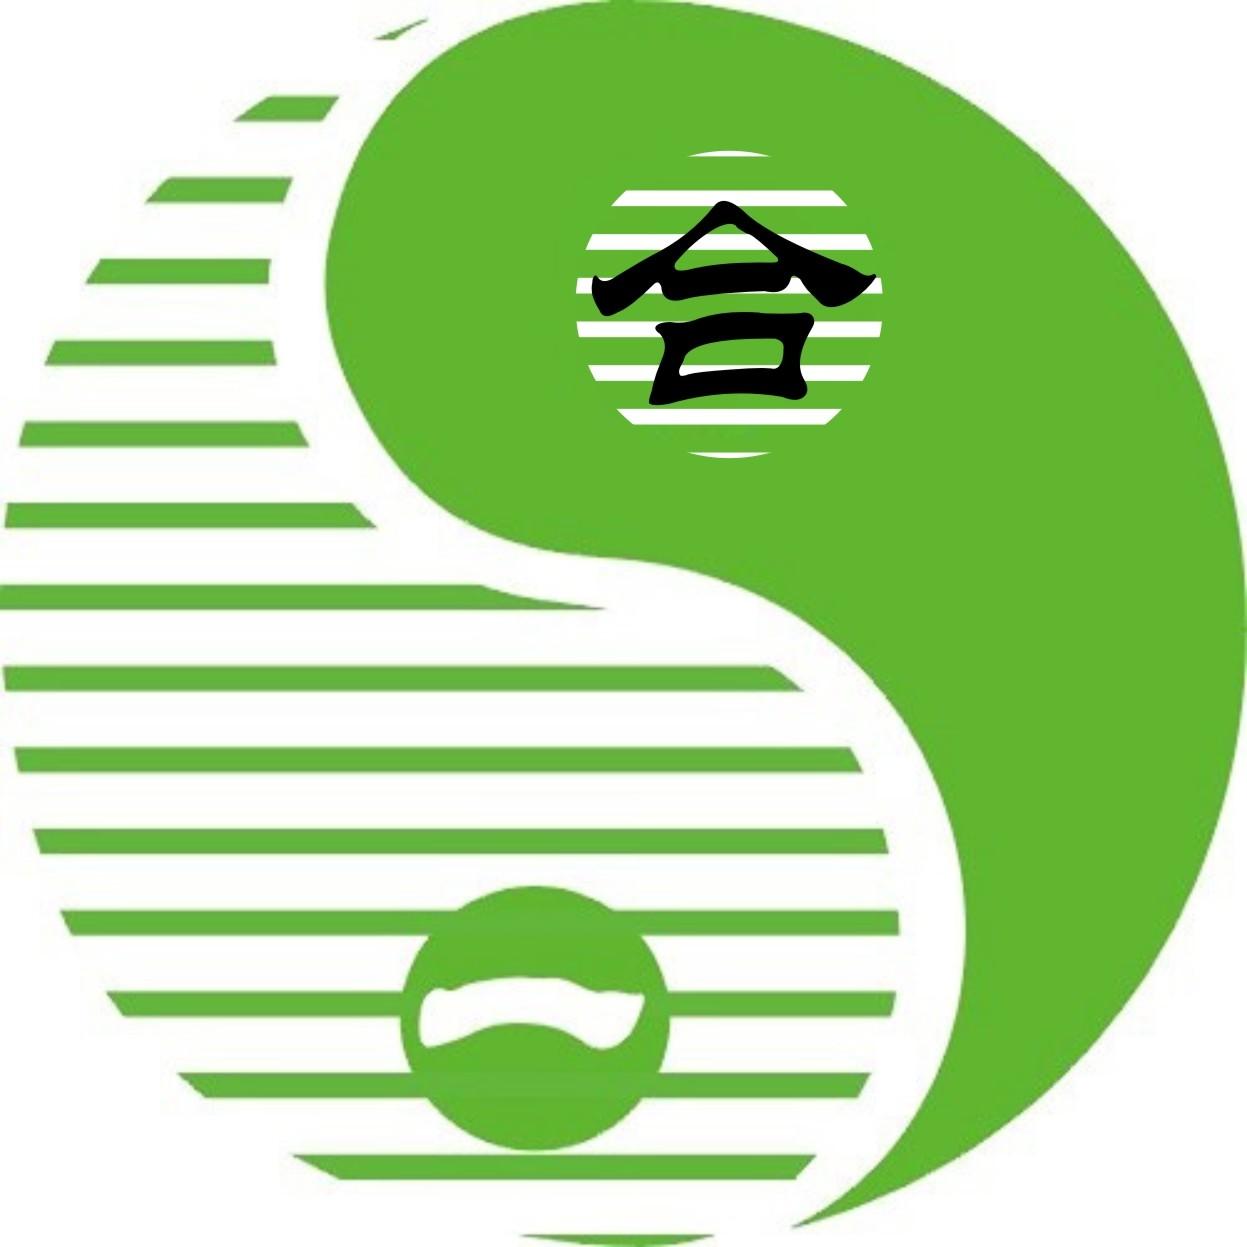 logo logo 标志 设计 矢量 矢量图 素材 图标 1247_1247